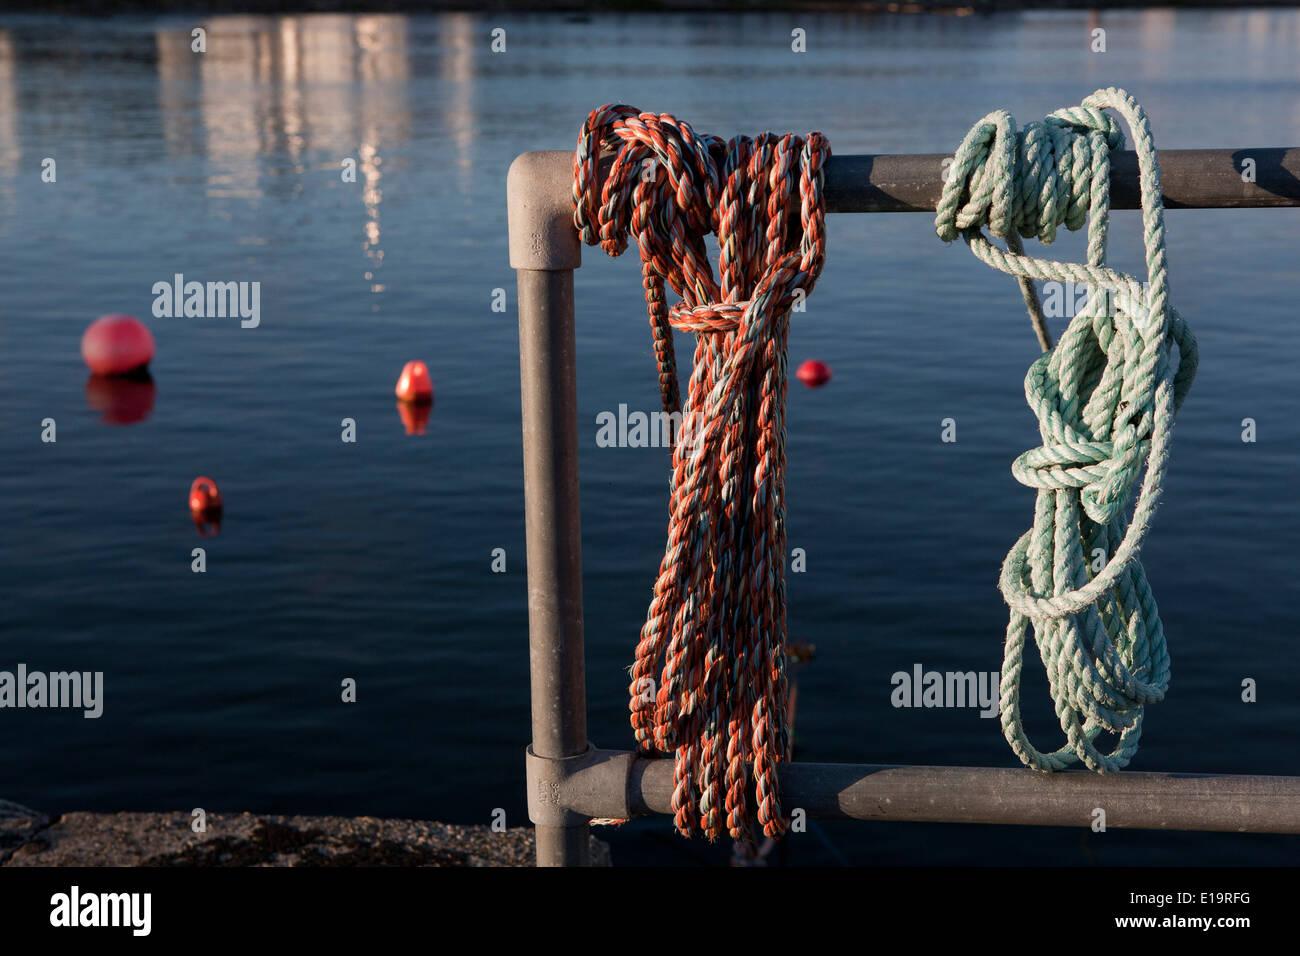 Seil, Metallpfosten, ohne Menschen gebunden. Stockbild